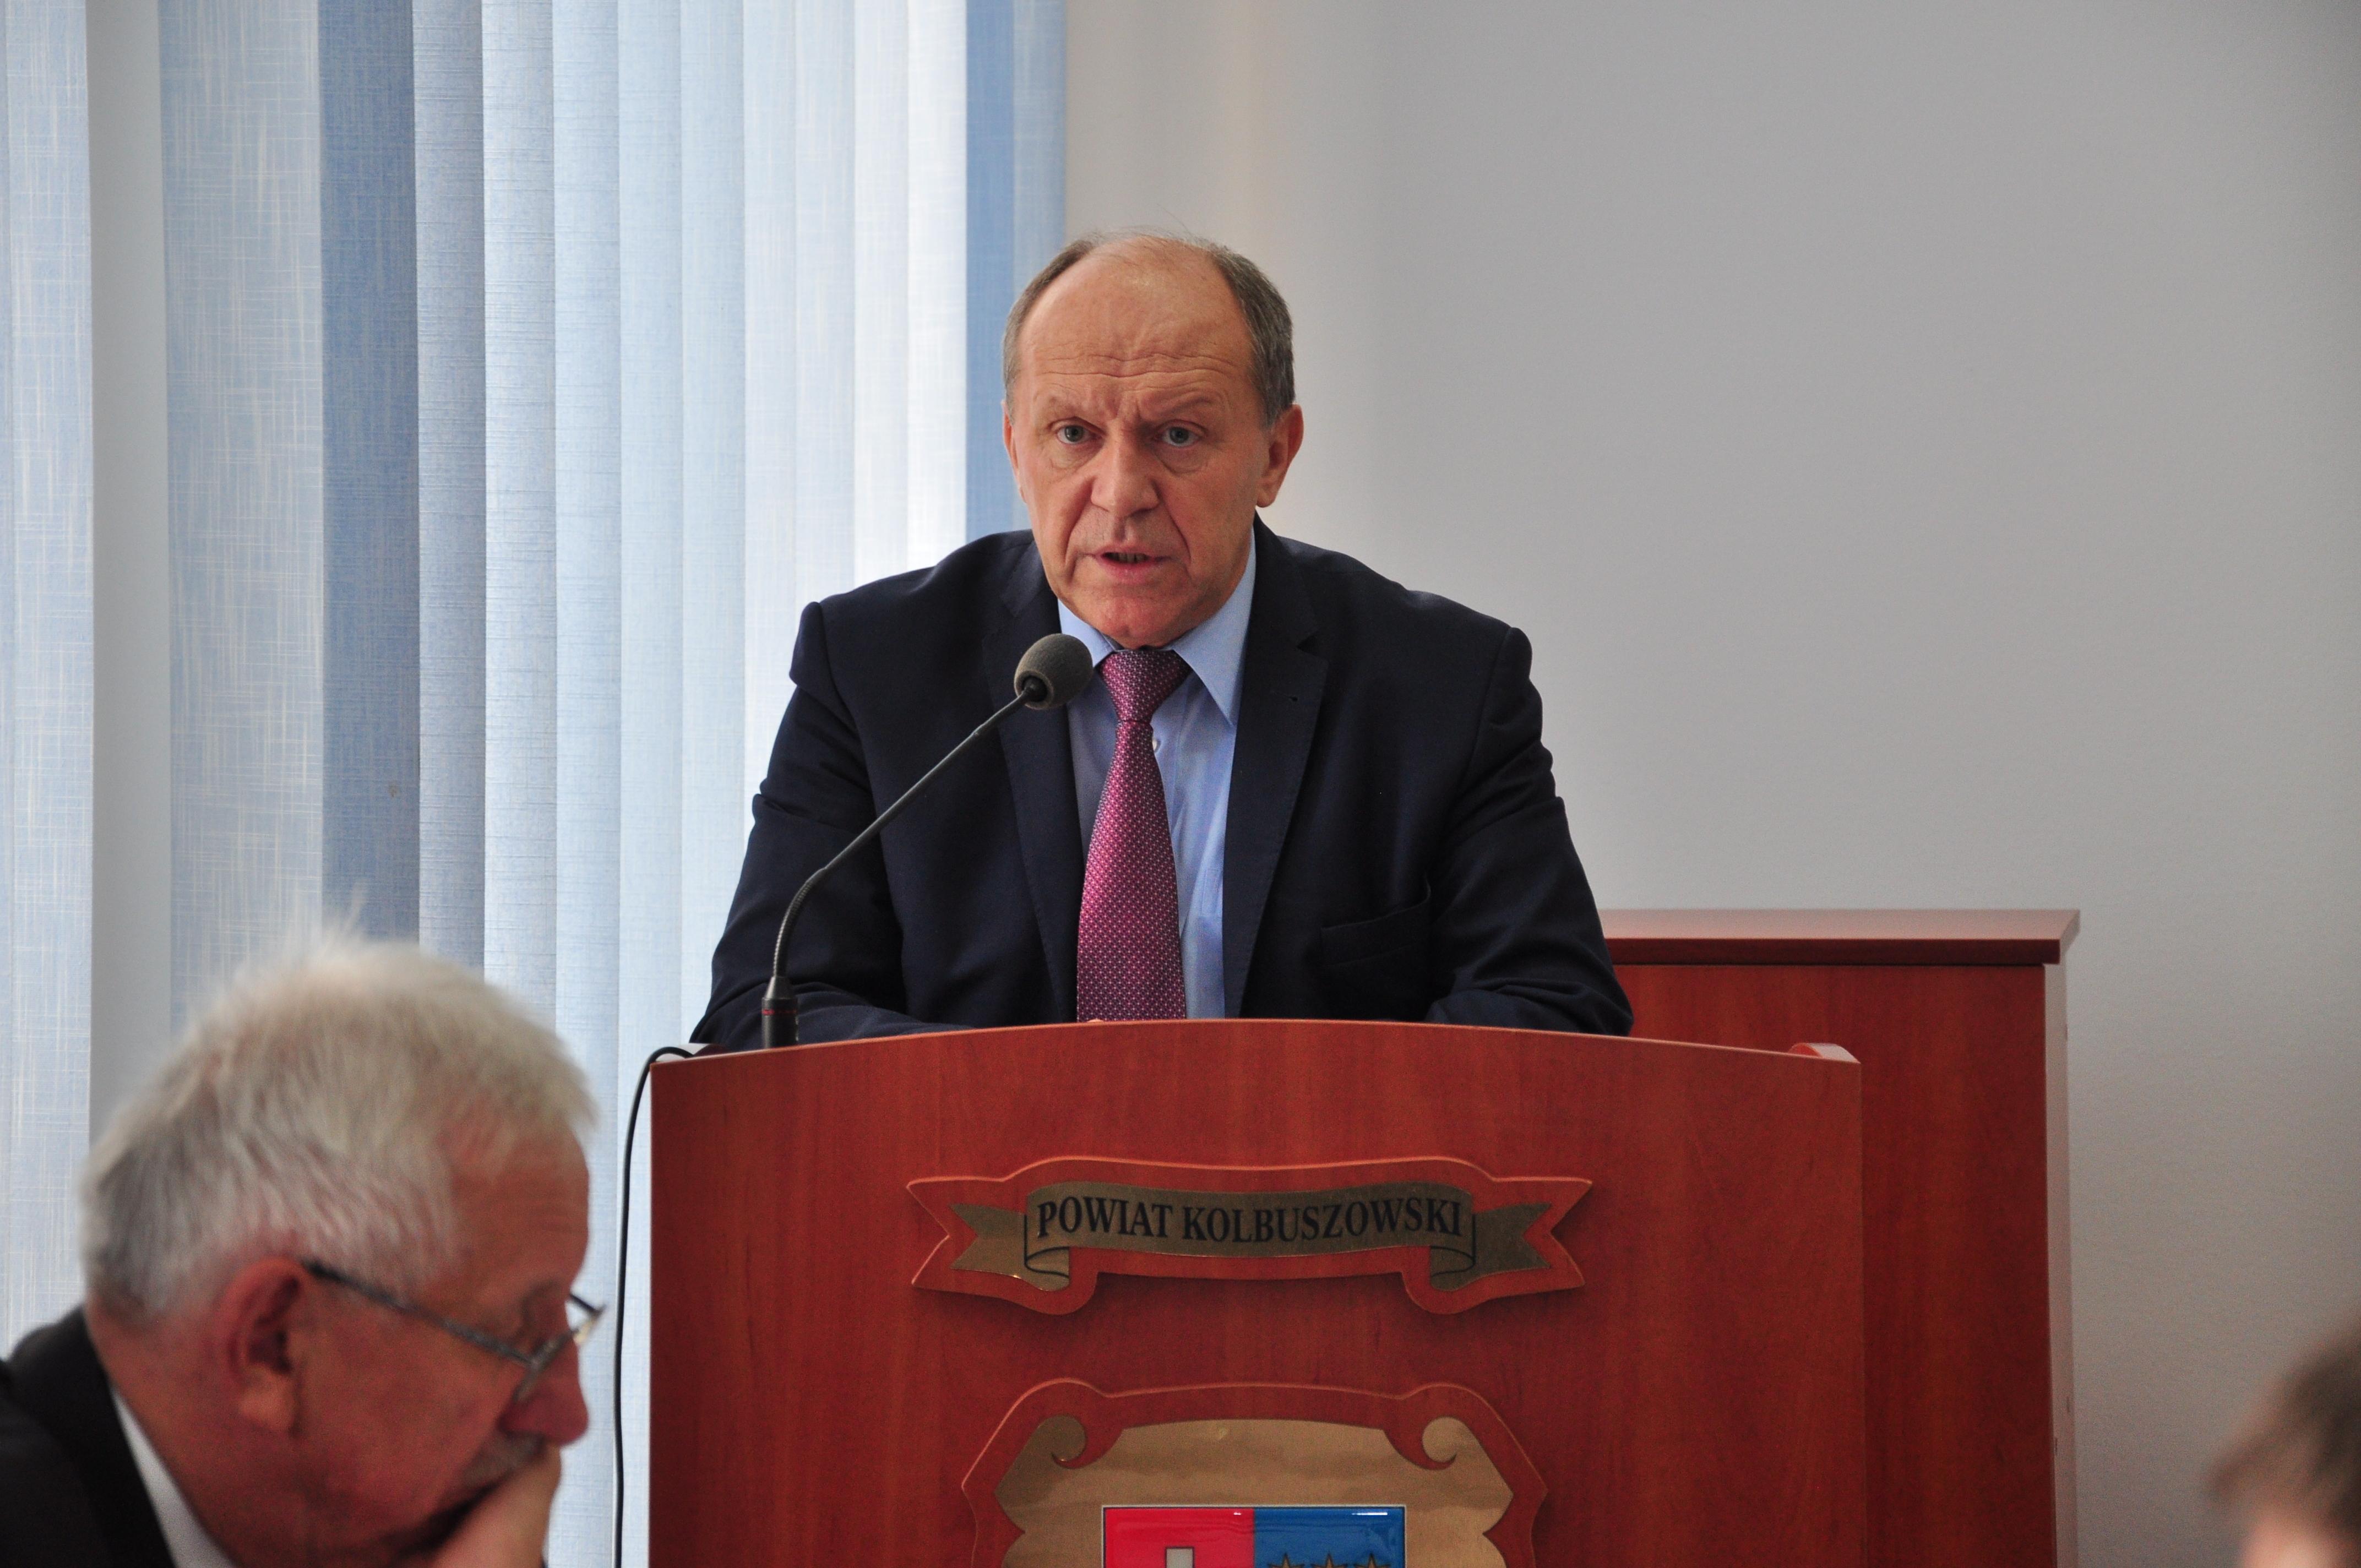 Zbigniew Chmielowiec, poseł na Sejm RP, apeluje do ministra o pomoc w sprawie śmieci - Zdjęcie główne